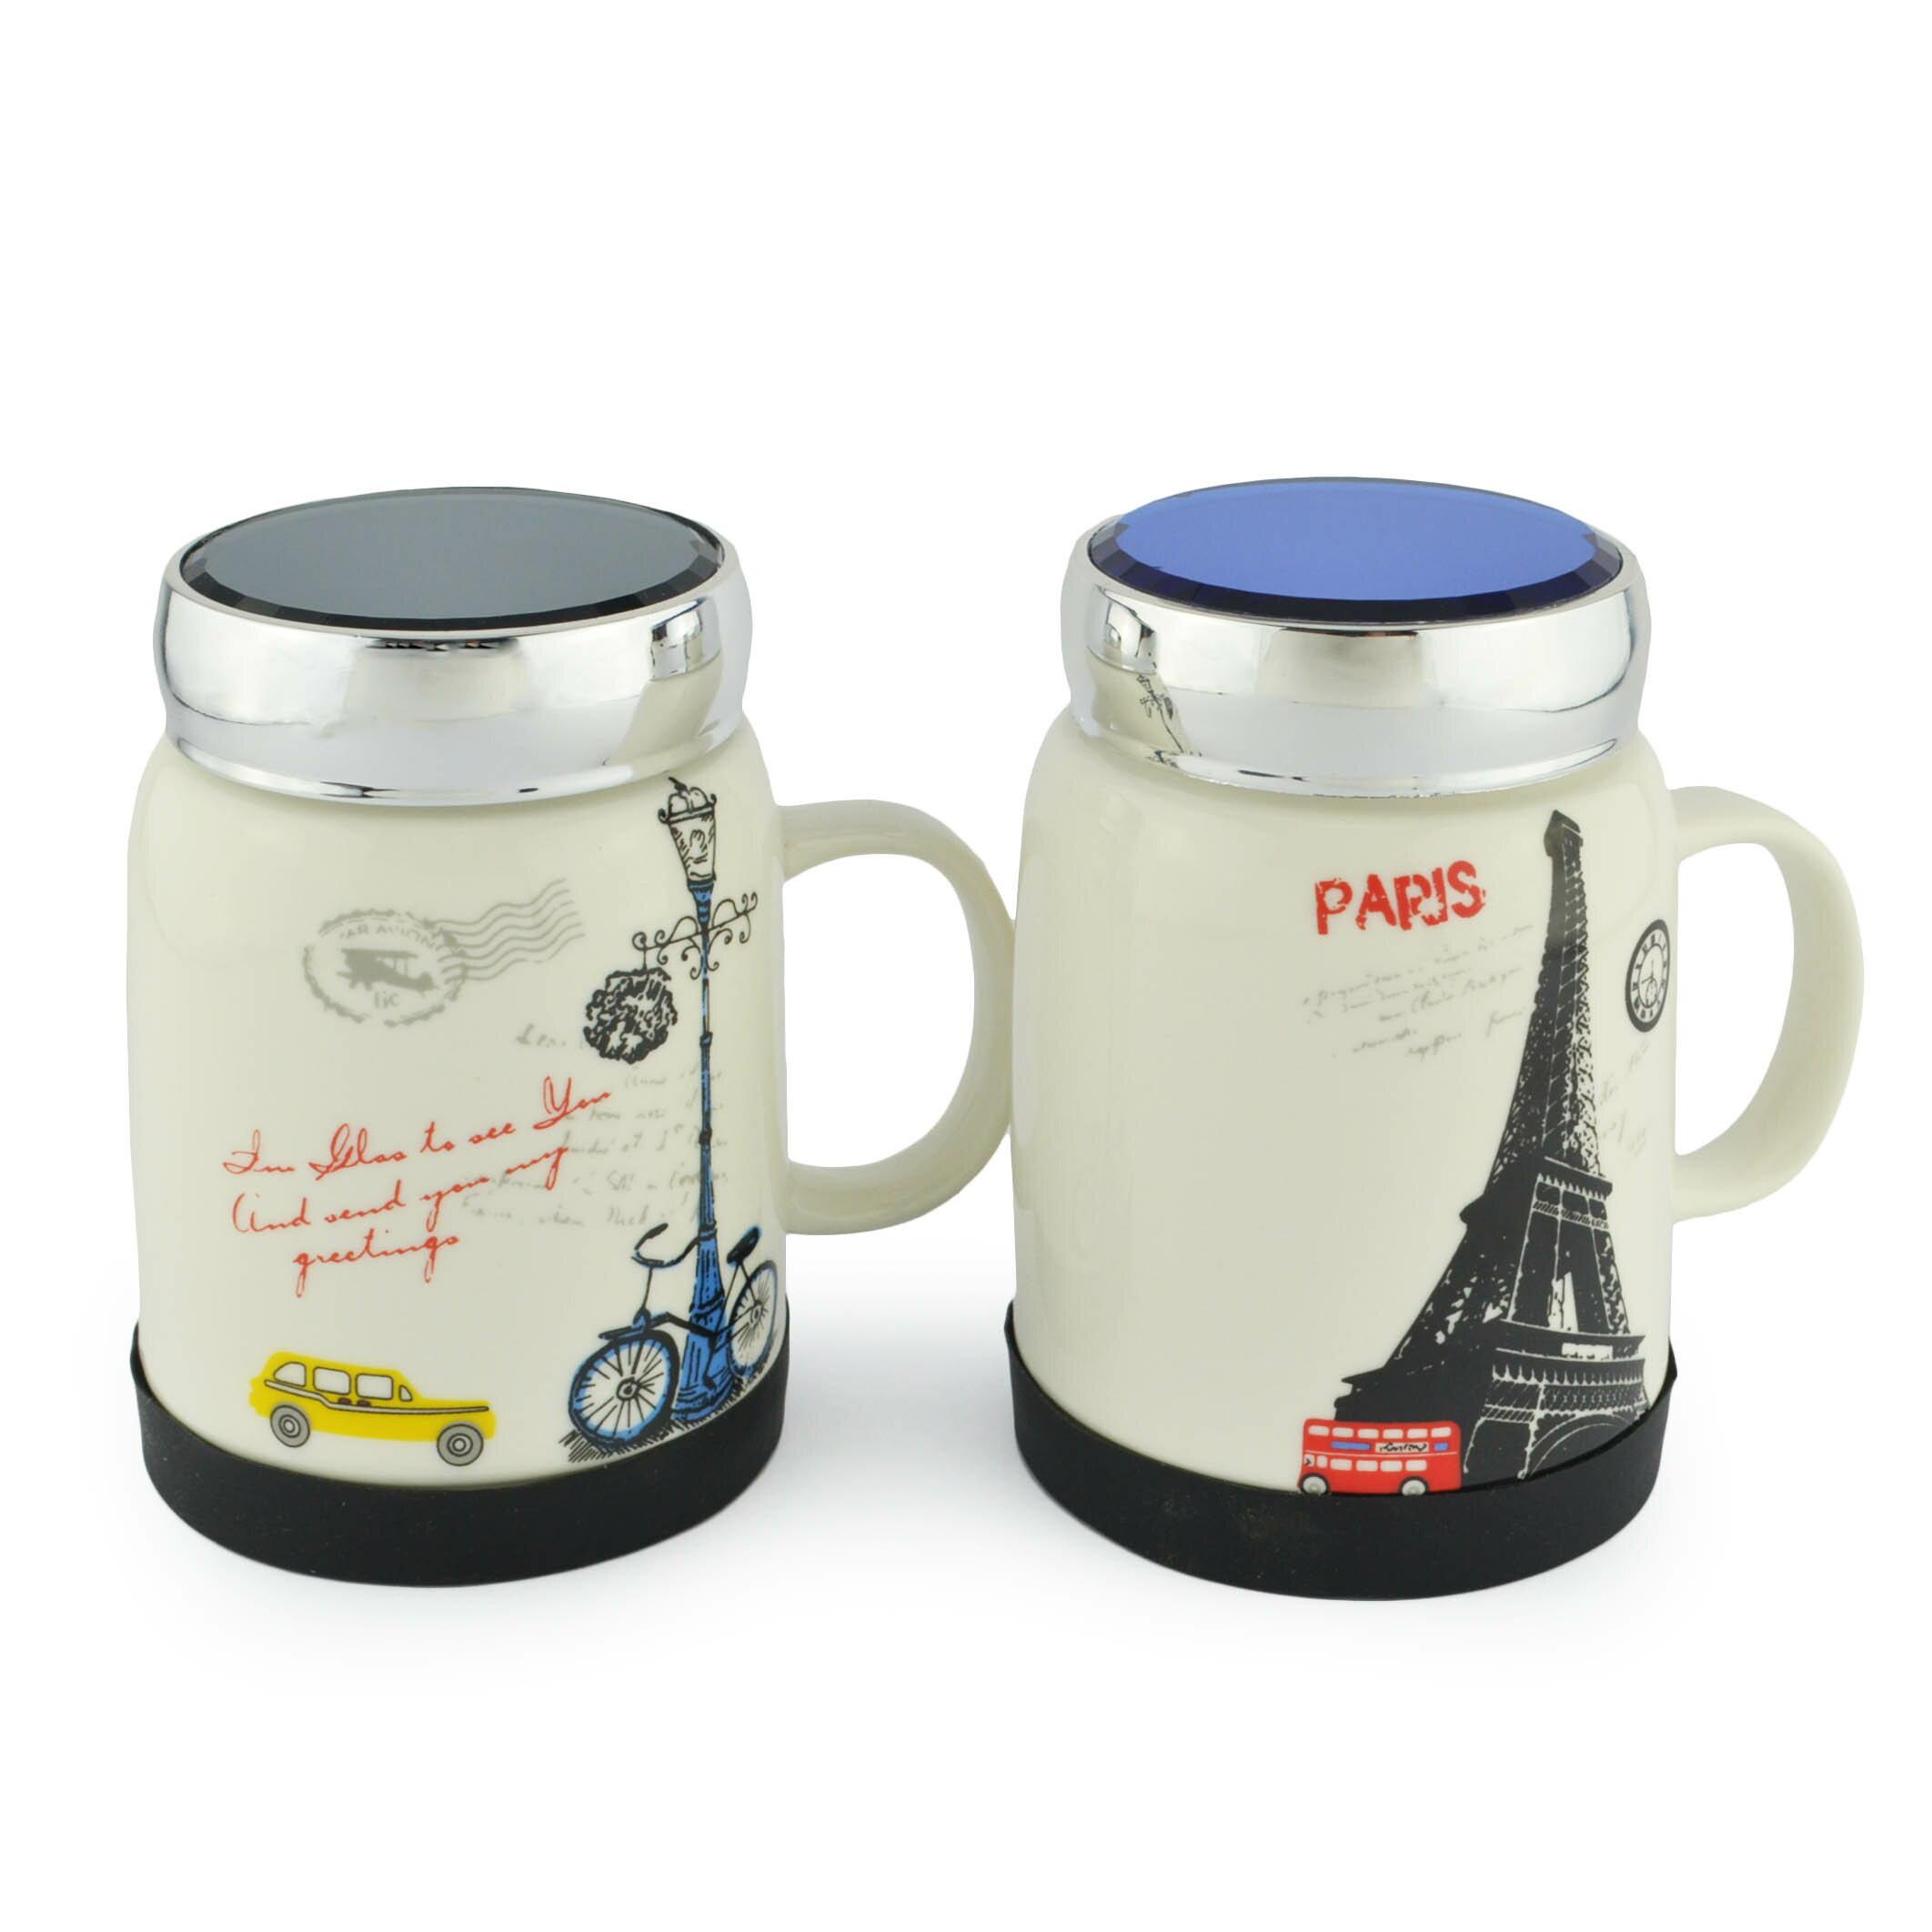 英倫風陶瓷馬克杯(附蓋) 500ml/禮品/交換禮物/生日禮物/辦公室 隨機出